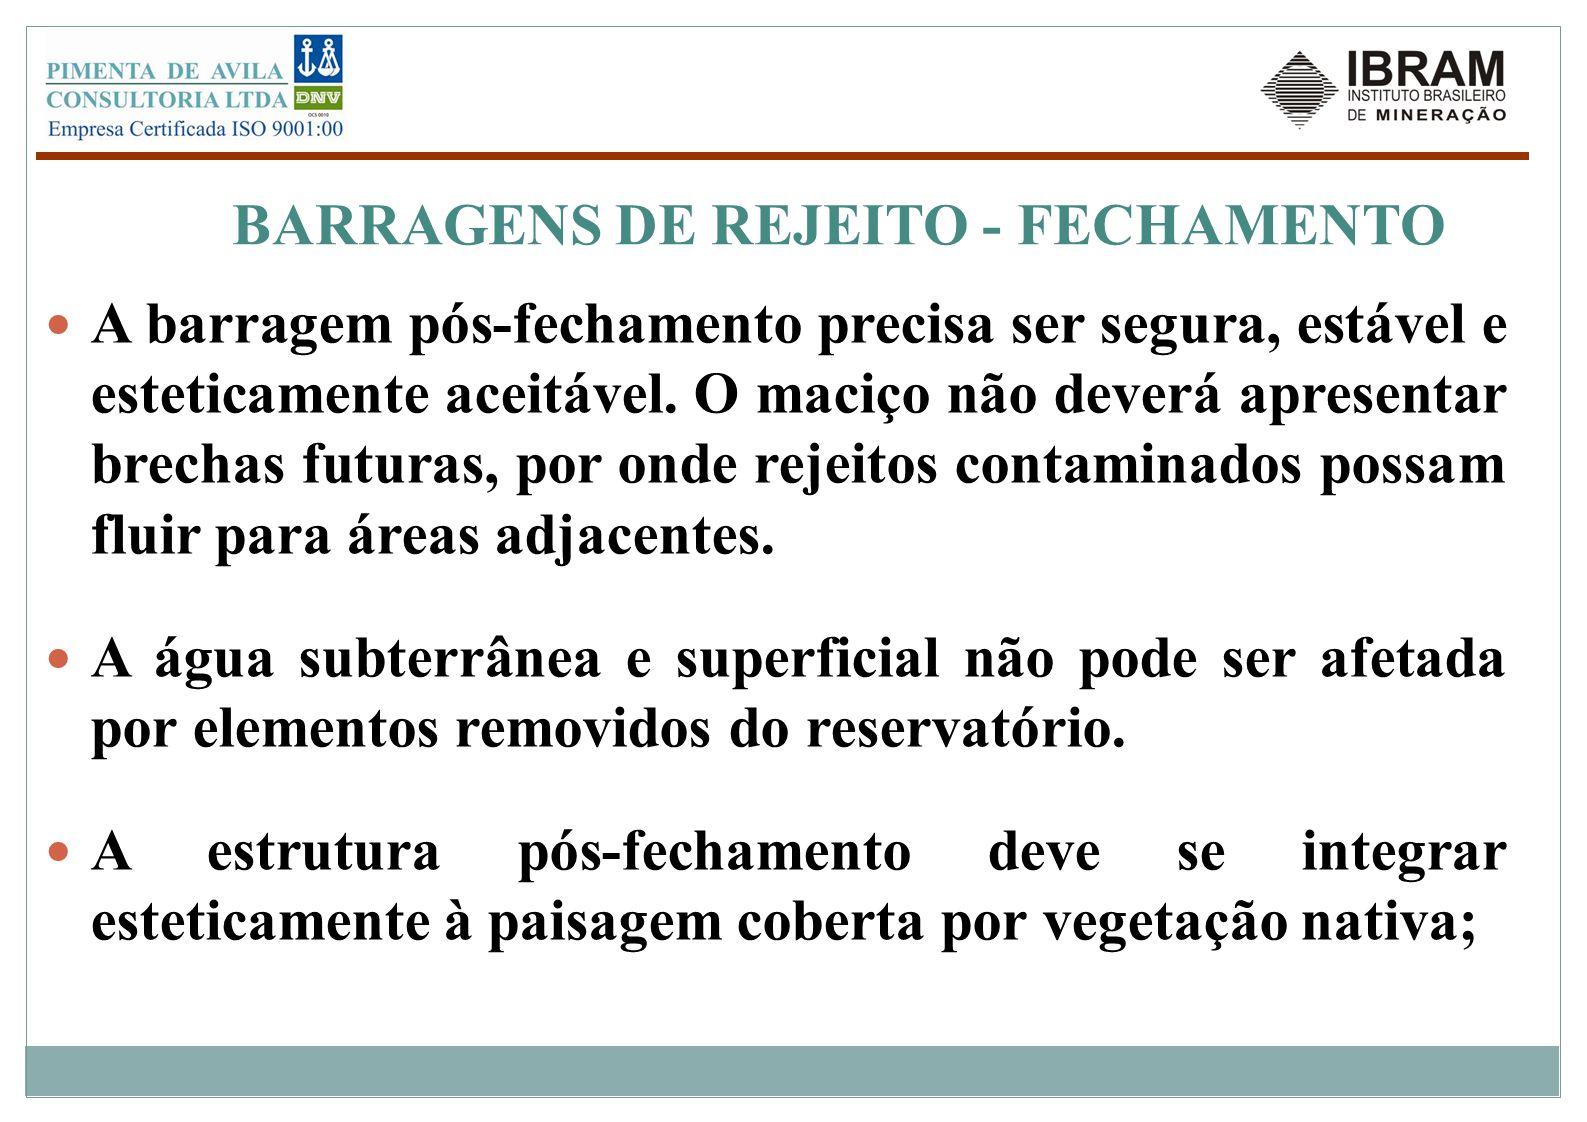 BARRAGENS DE REJEITO - FECHAMENTO A comunidade européia em: Management of waste from extrative industries (COM 2003, 319-final) requer: O plano de fechamento, considerando os requisitos referidos, deve ser elaborado como parte do plano de desenvolvimento da mina.